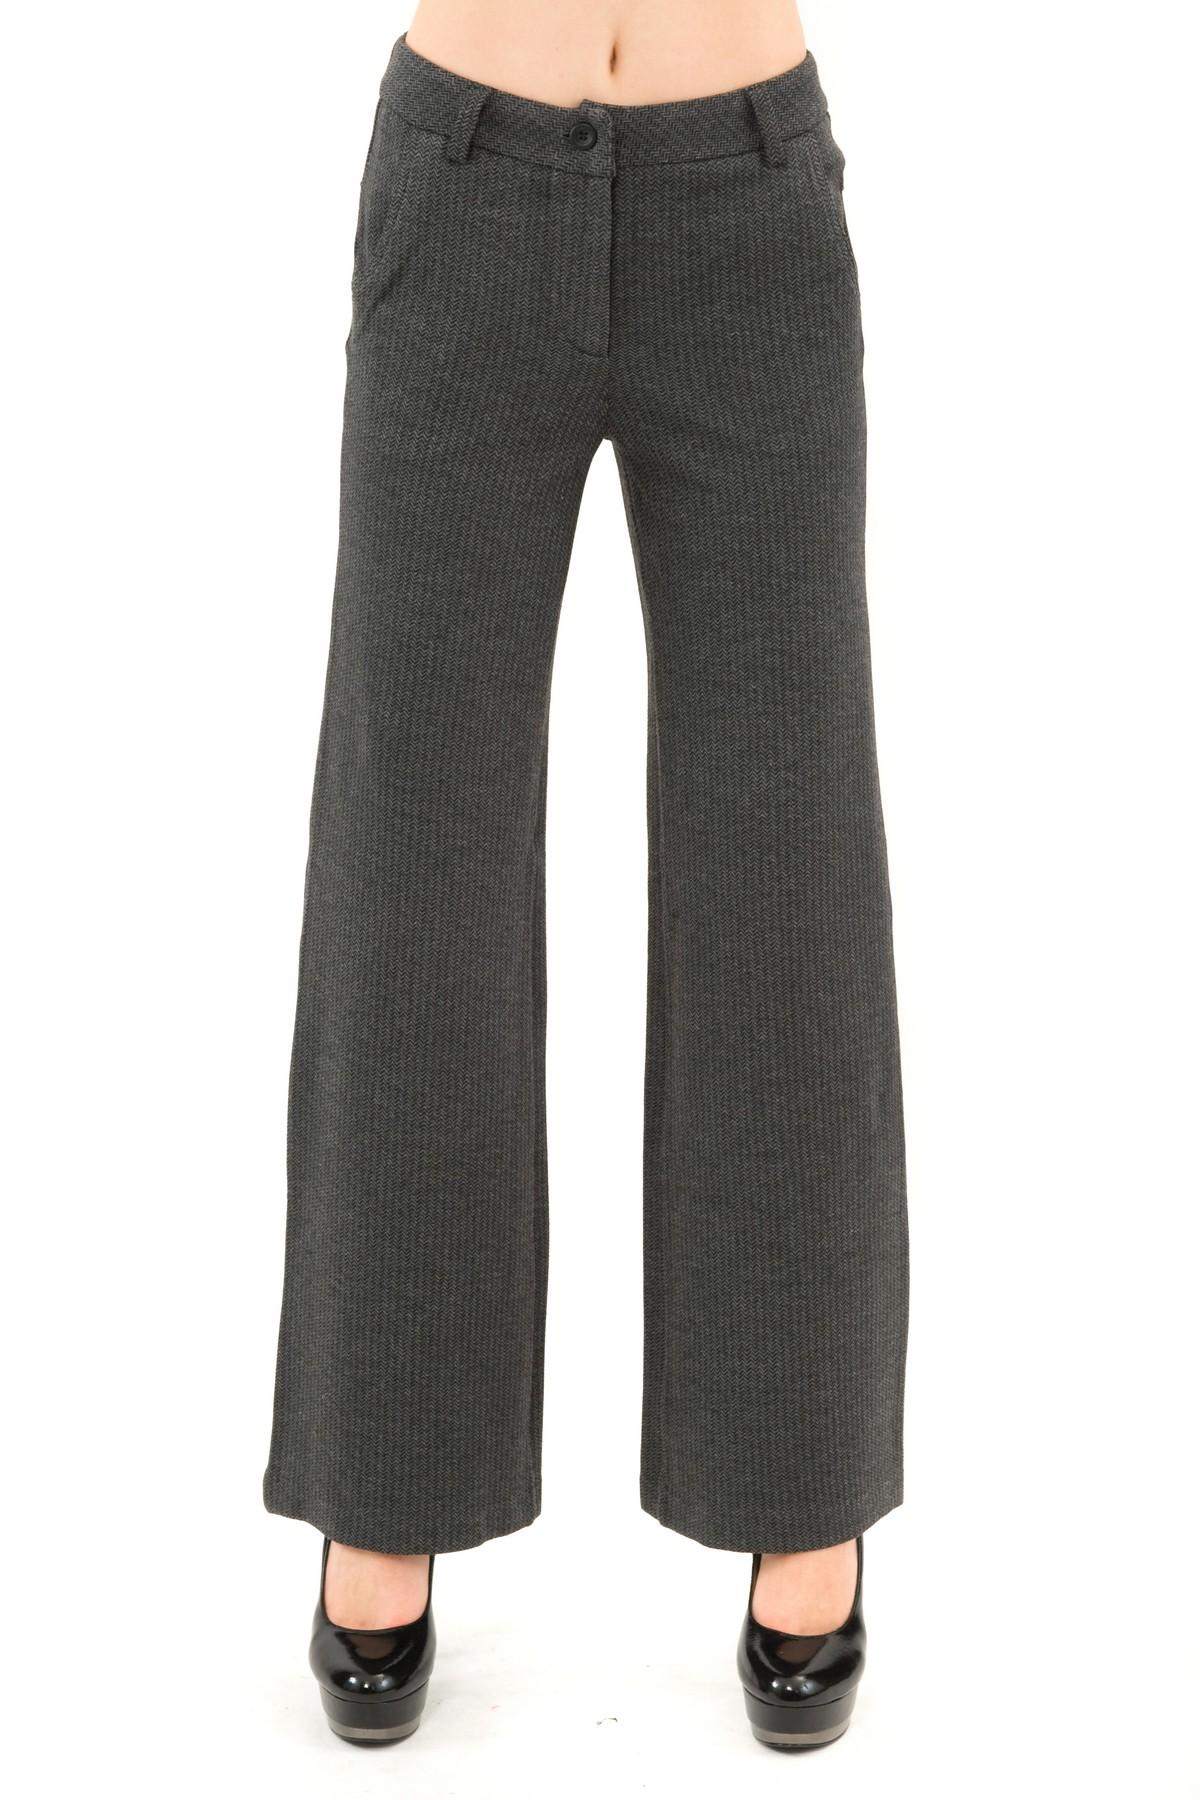 БрюкиЖенские юбки и брюки<br>Брюки – это всегда обворожительно и сексуально. Классического немного расклешенного покроя, они прекрасно будут смотреться на фигуре любого типа. Практичные, удобные, красивые и универсальные. Брюки – необходимый элемент женского гардероба, который позвол<br><br>Цвет: серый<br>Состав: 54% полиэстер, 28% вискоза, 16% нейлон, 2% эластан<br>Размер: 40,42,44,46,48,50<br>Страна дизайна: Россия<br>Страна производства: Россия